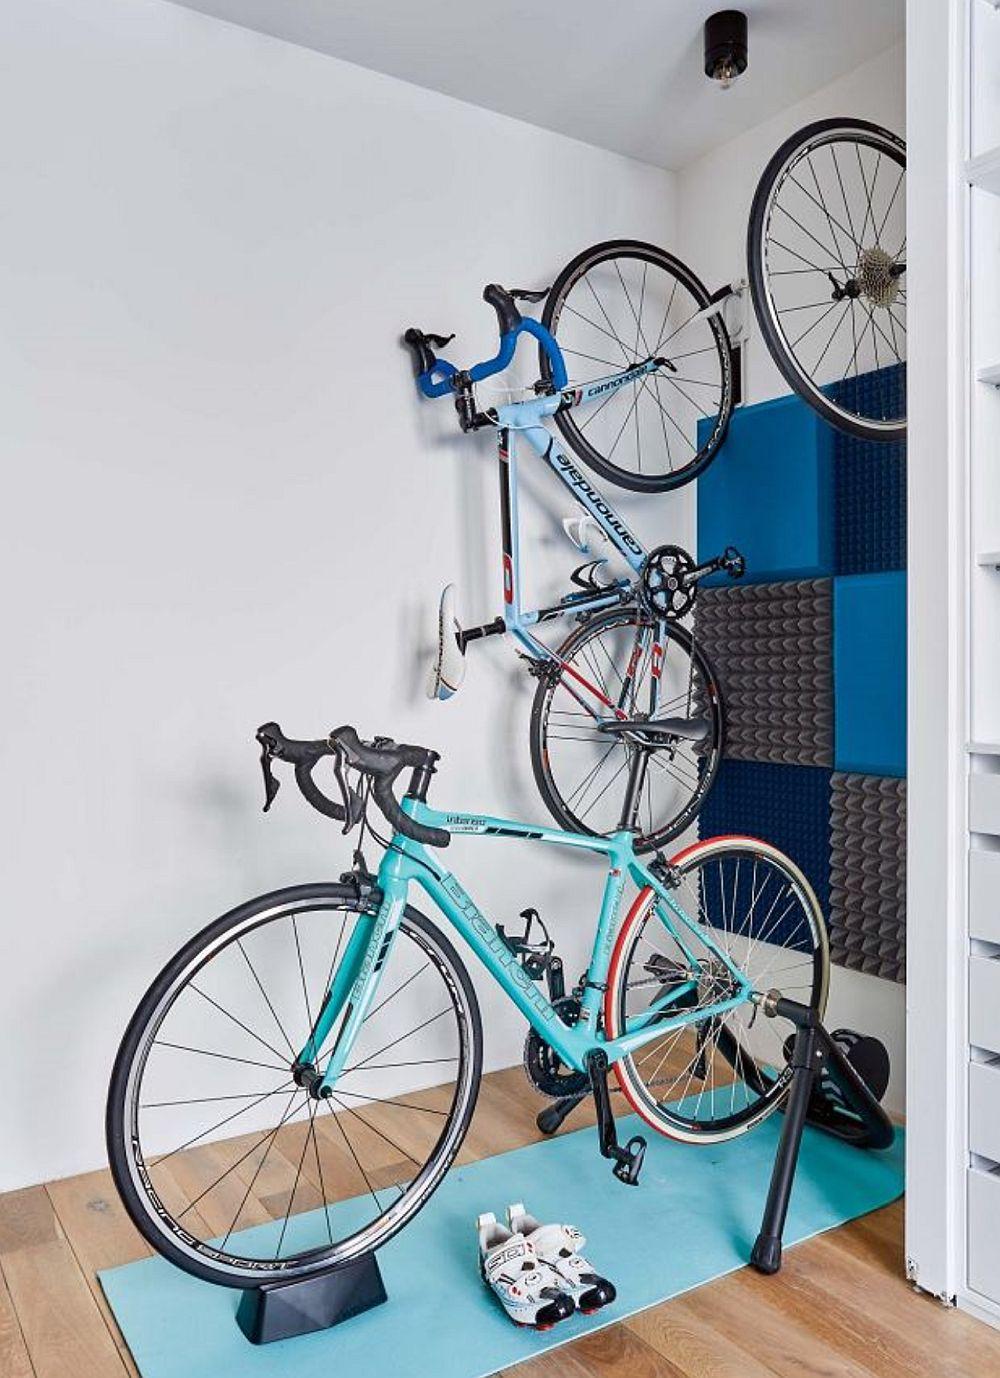 În spațiul dressingului sunt acomodate și locurile pentru bicicletă și pentru zona de sport dorită de către proprietari.